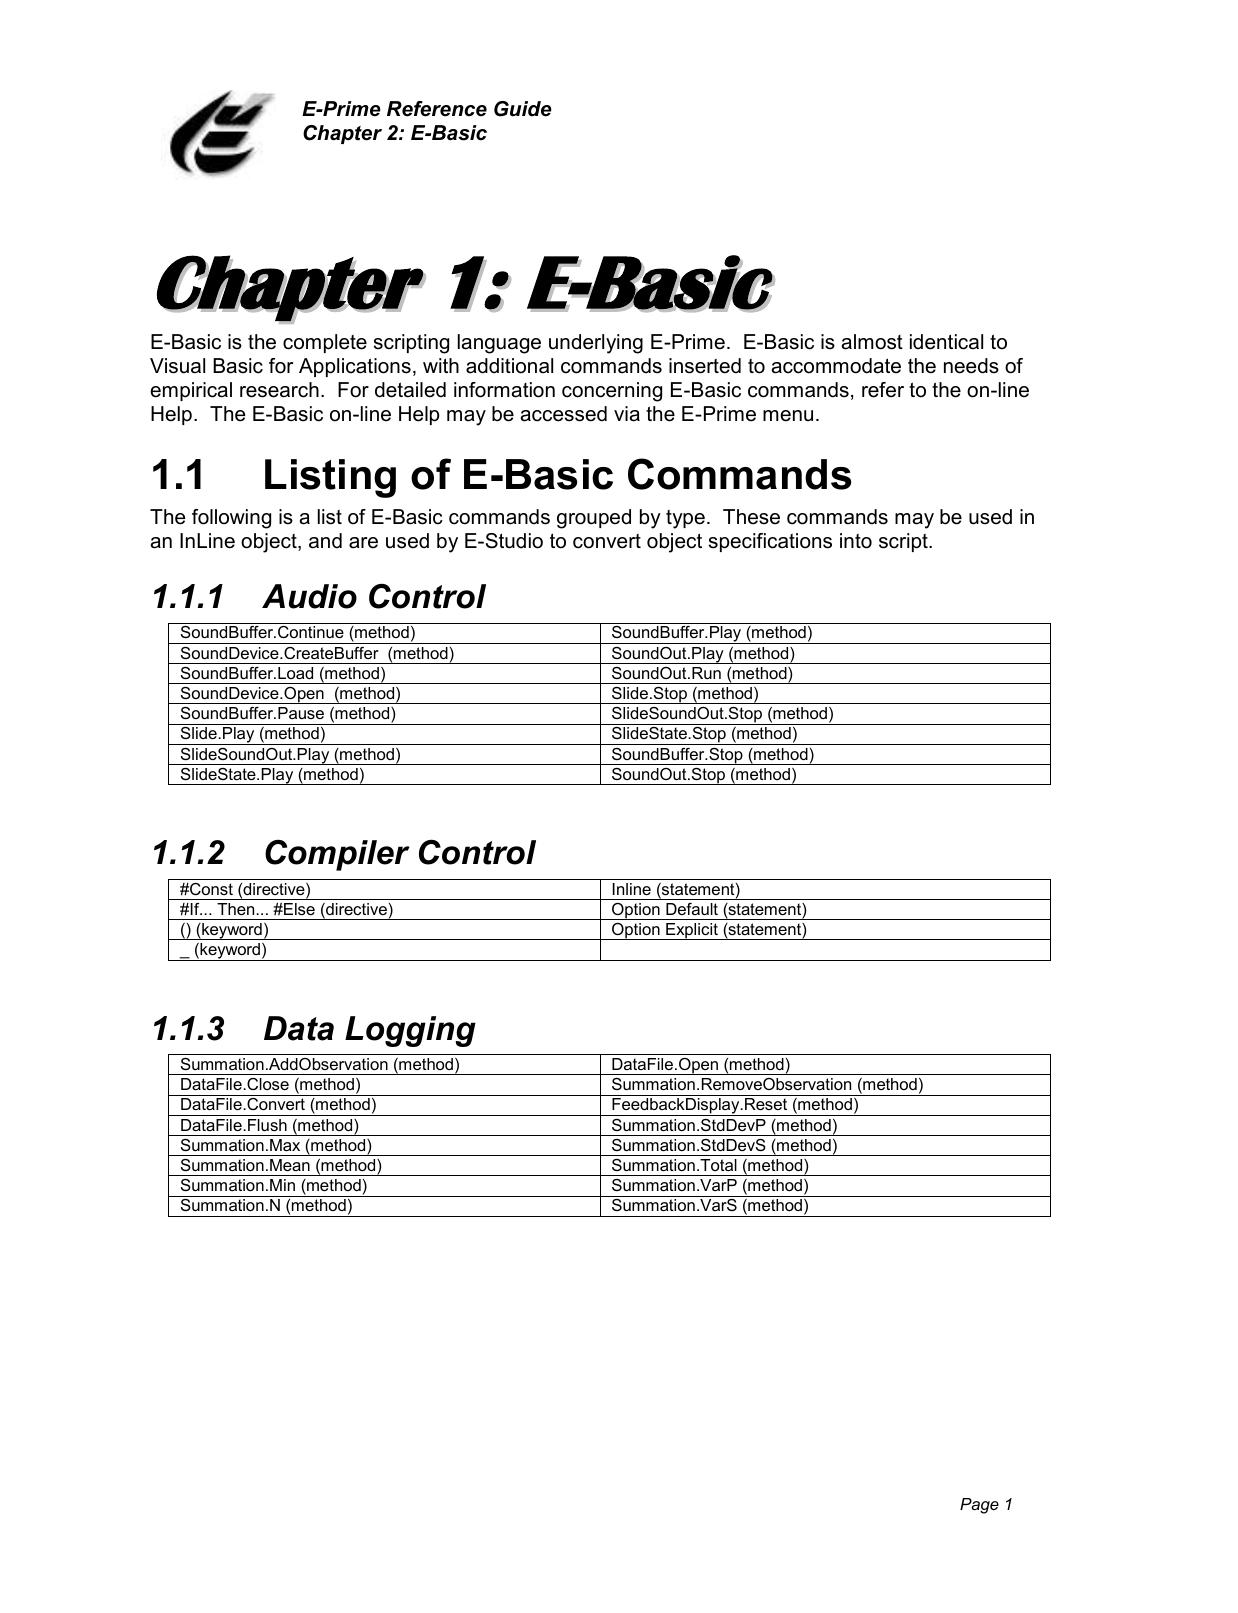 1 1 Listing of E